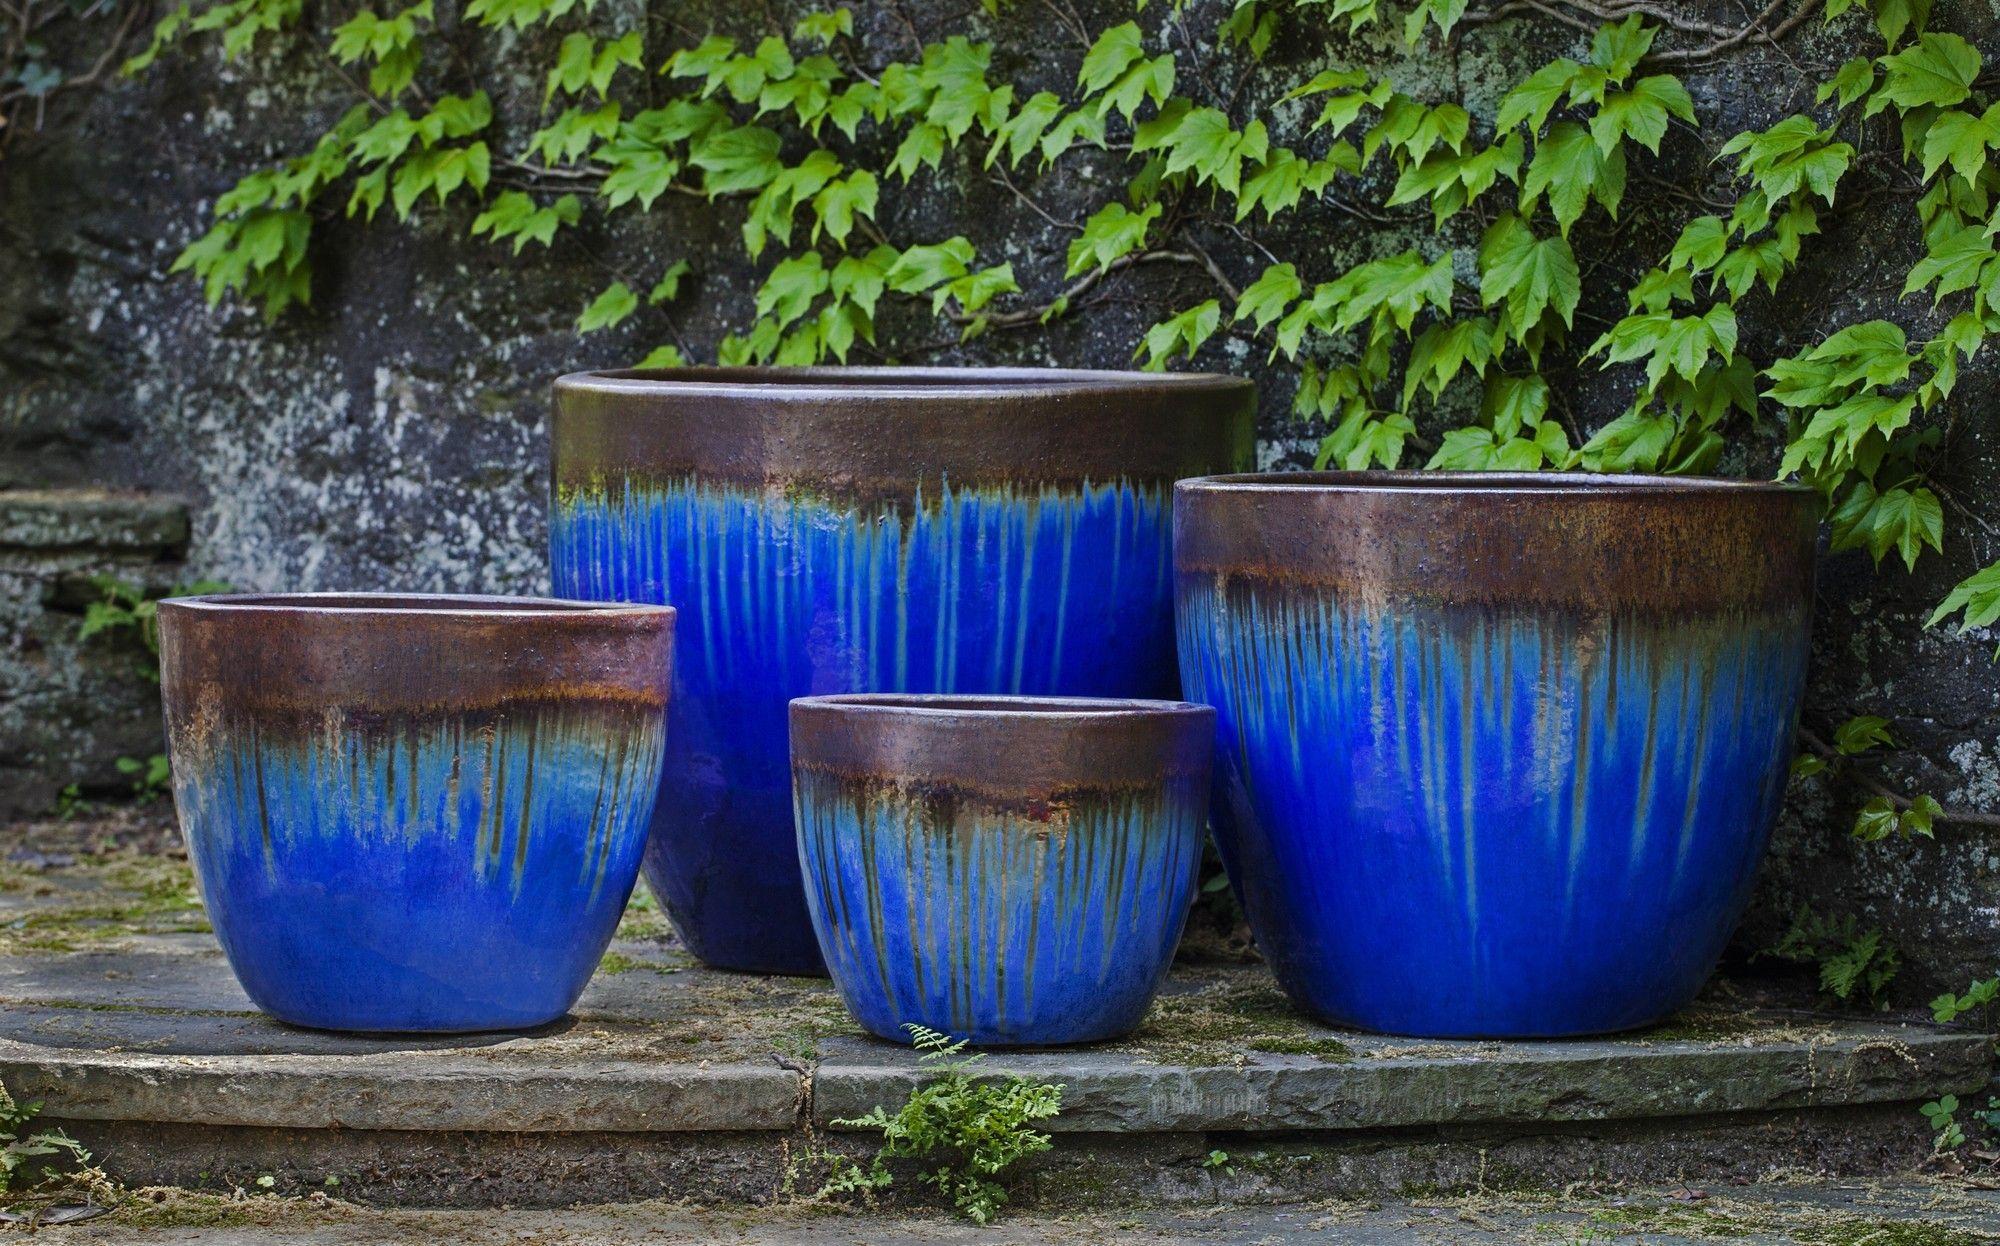 Marcel 4 Piece Pot Planter Set Planters Flower Pots Outdoor Planter Pots